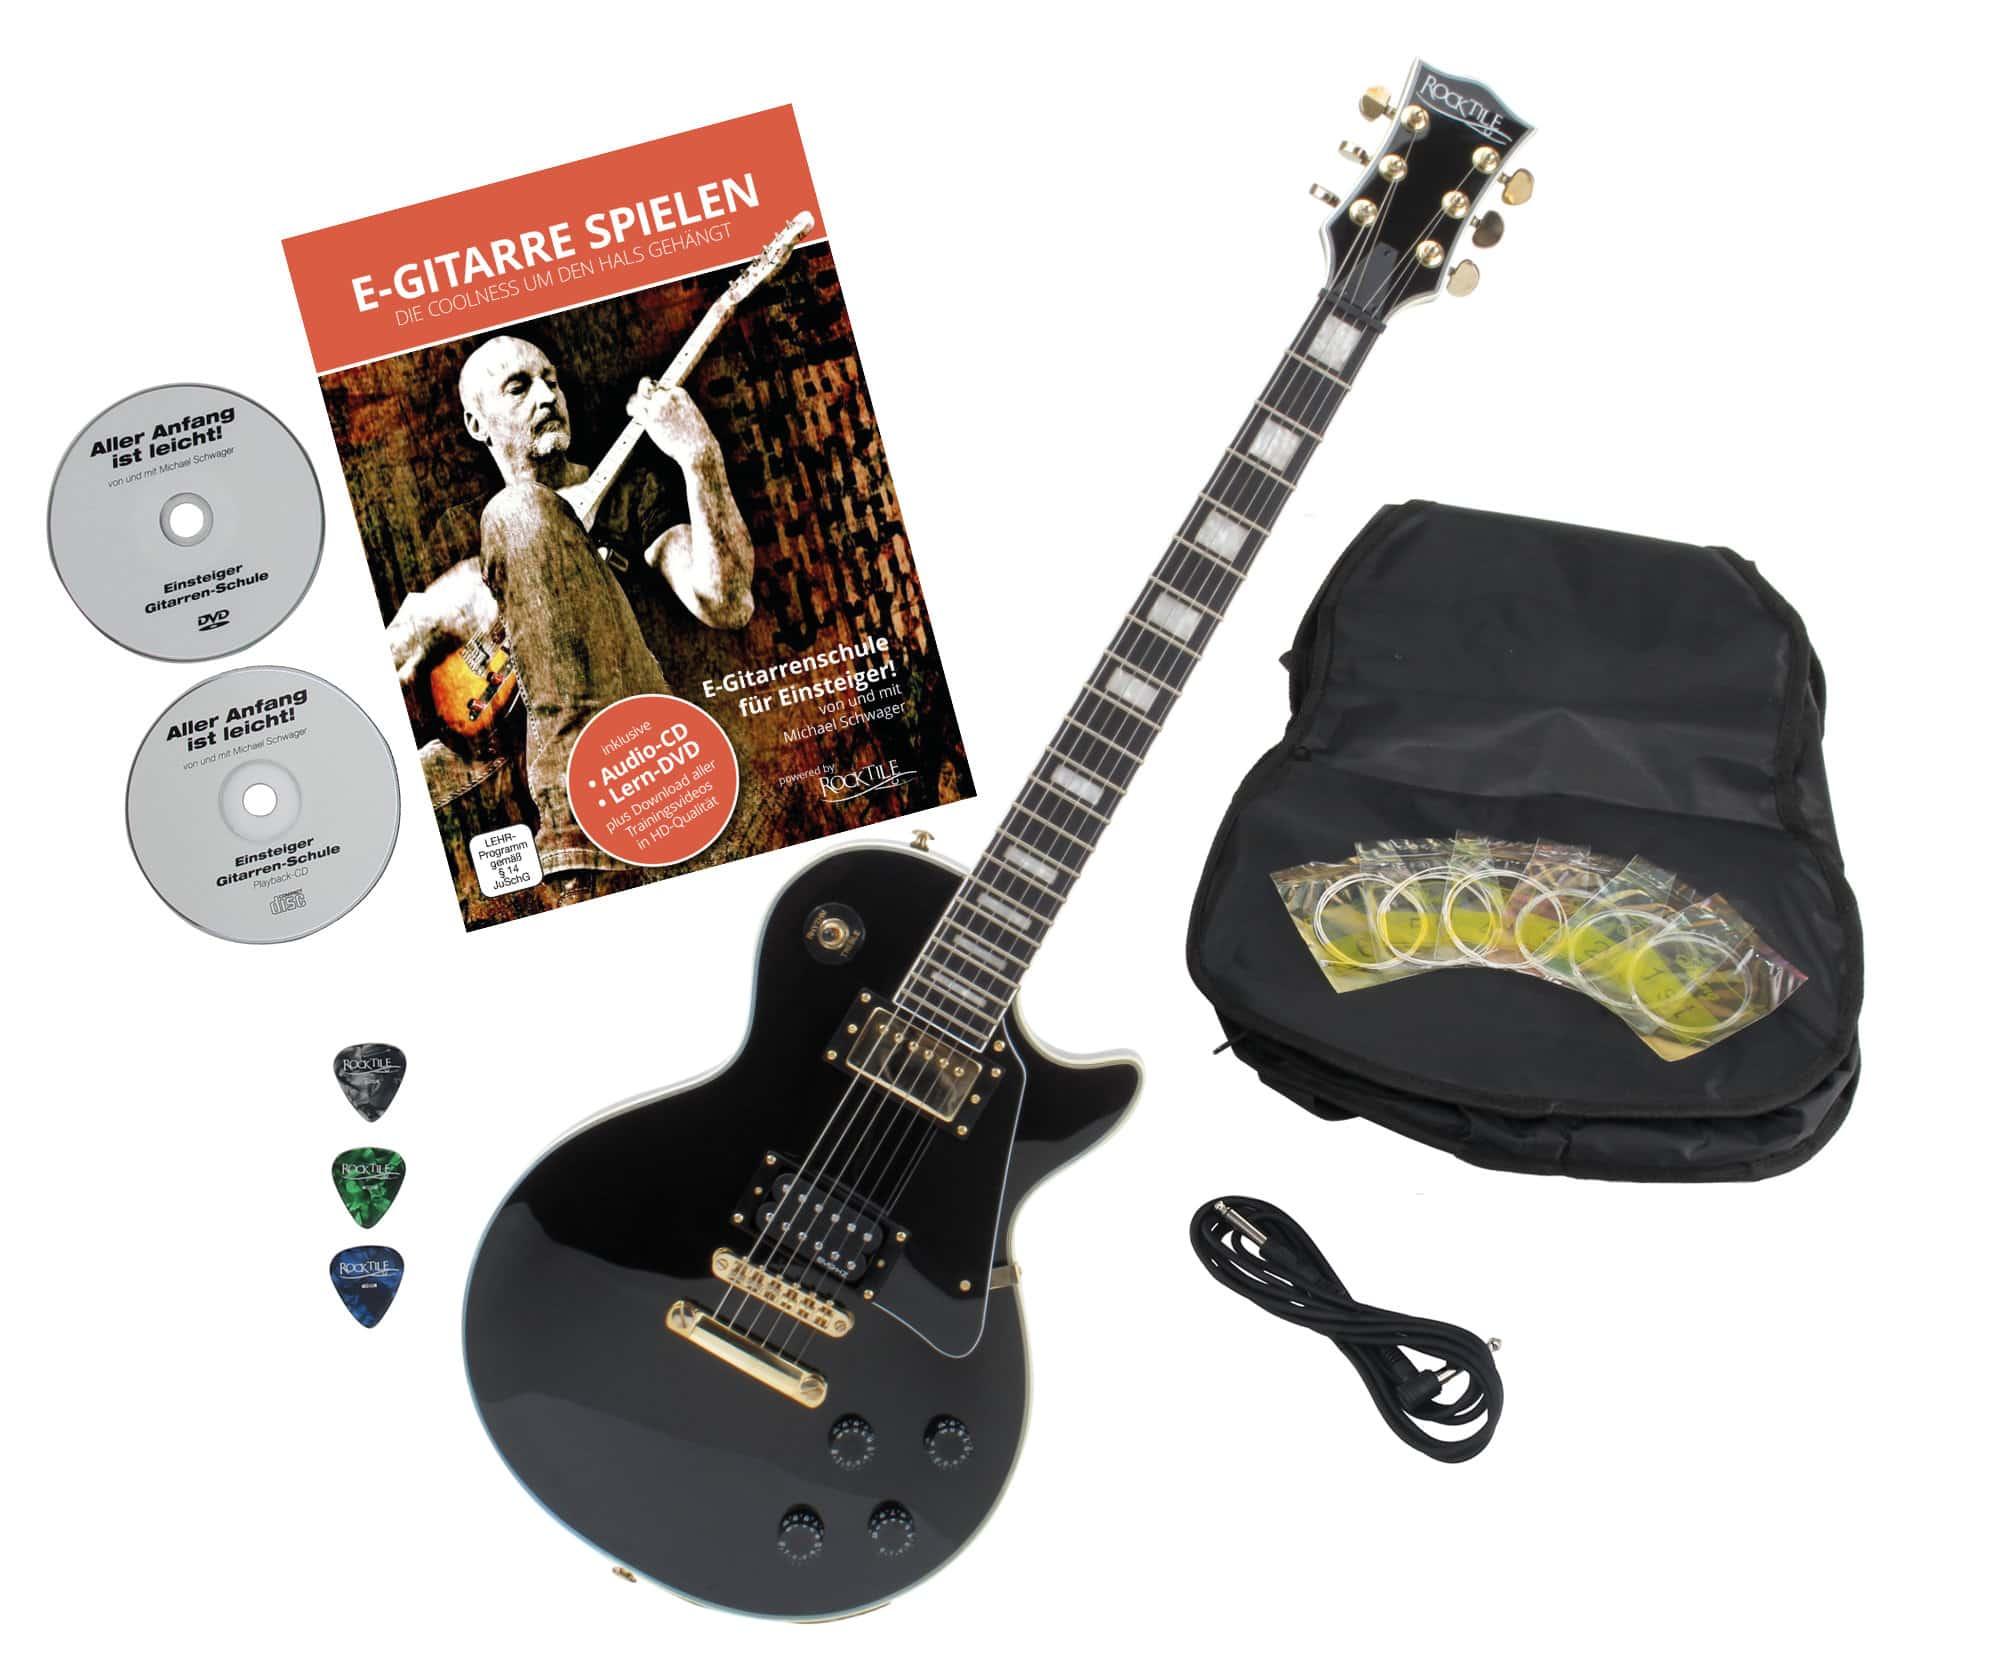 Rocktile Pro L 200BK Deluxe E Gitarre Black mit Zubehör